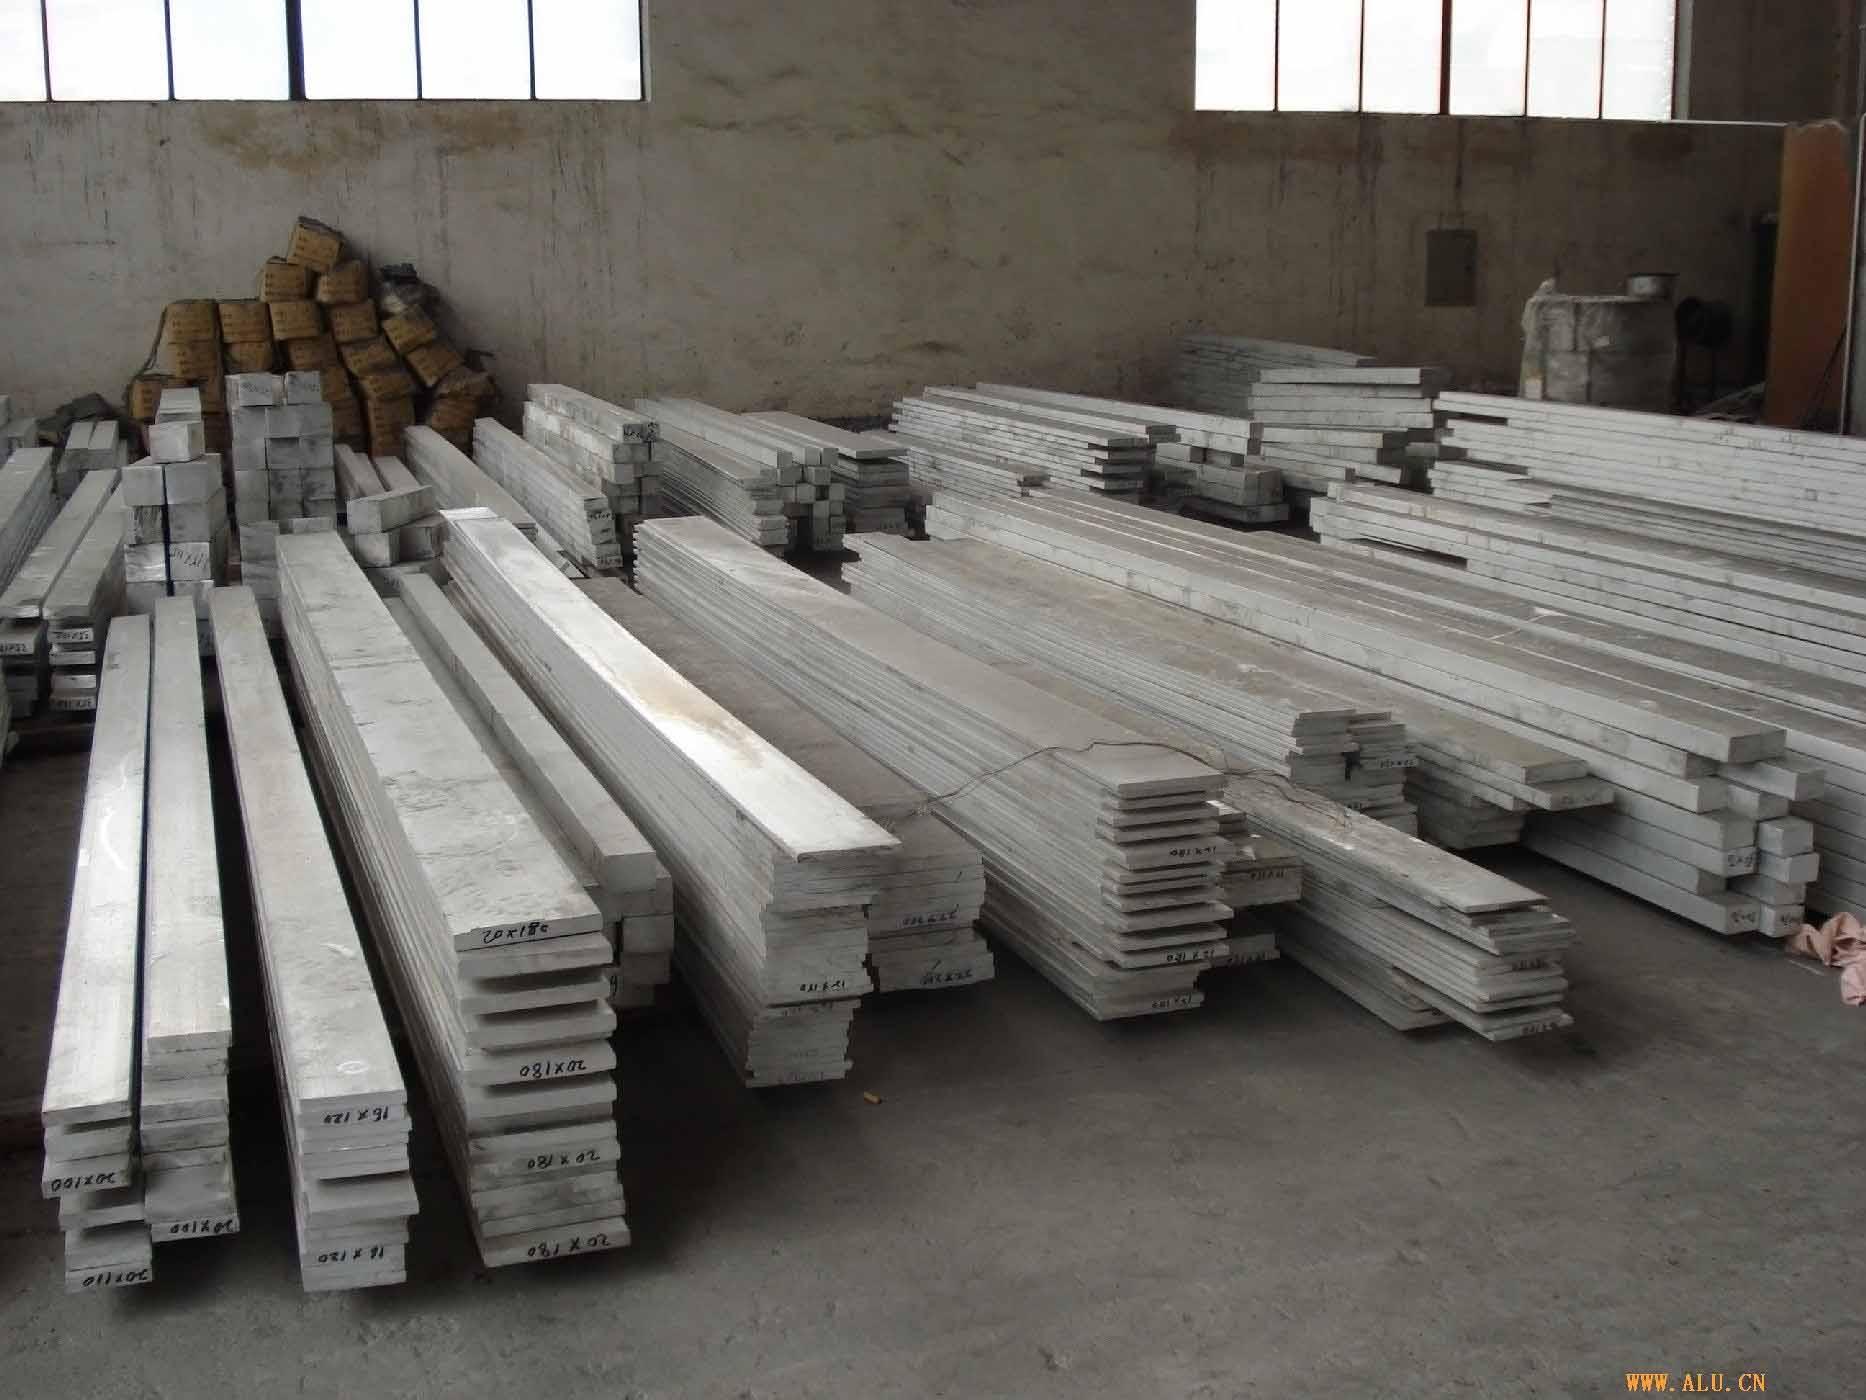 超硬超高强度高韧性7055铝合金 硬质铝合金 航空航天铝合金 环保铝合金 耐磨耐腐蚀铝合金